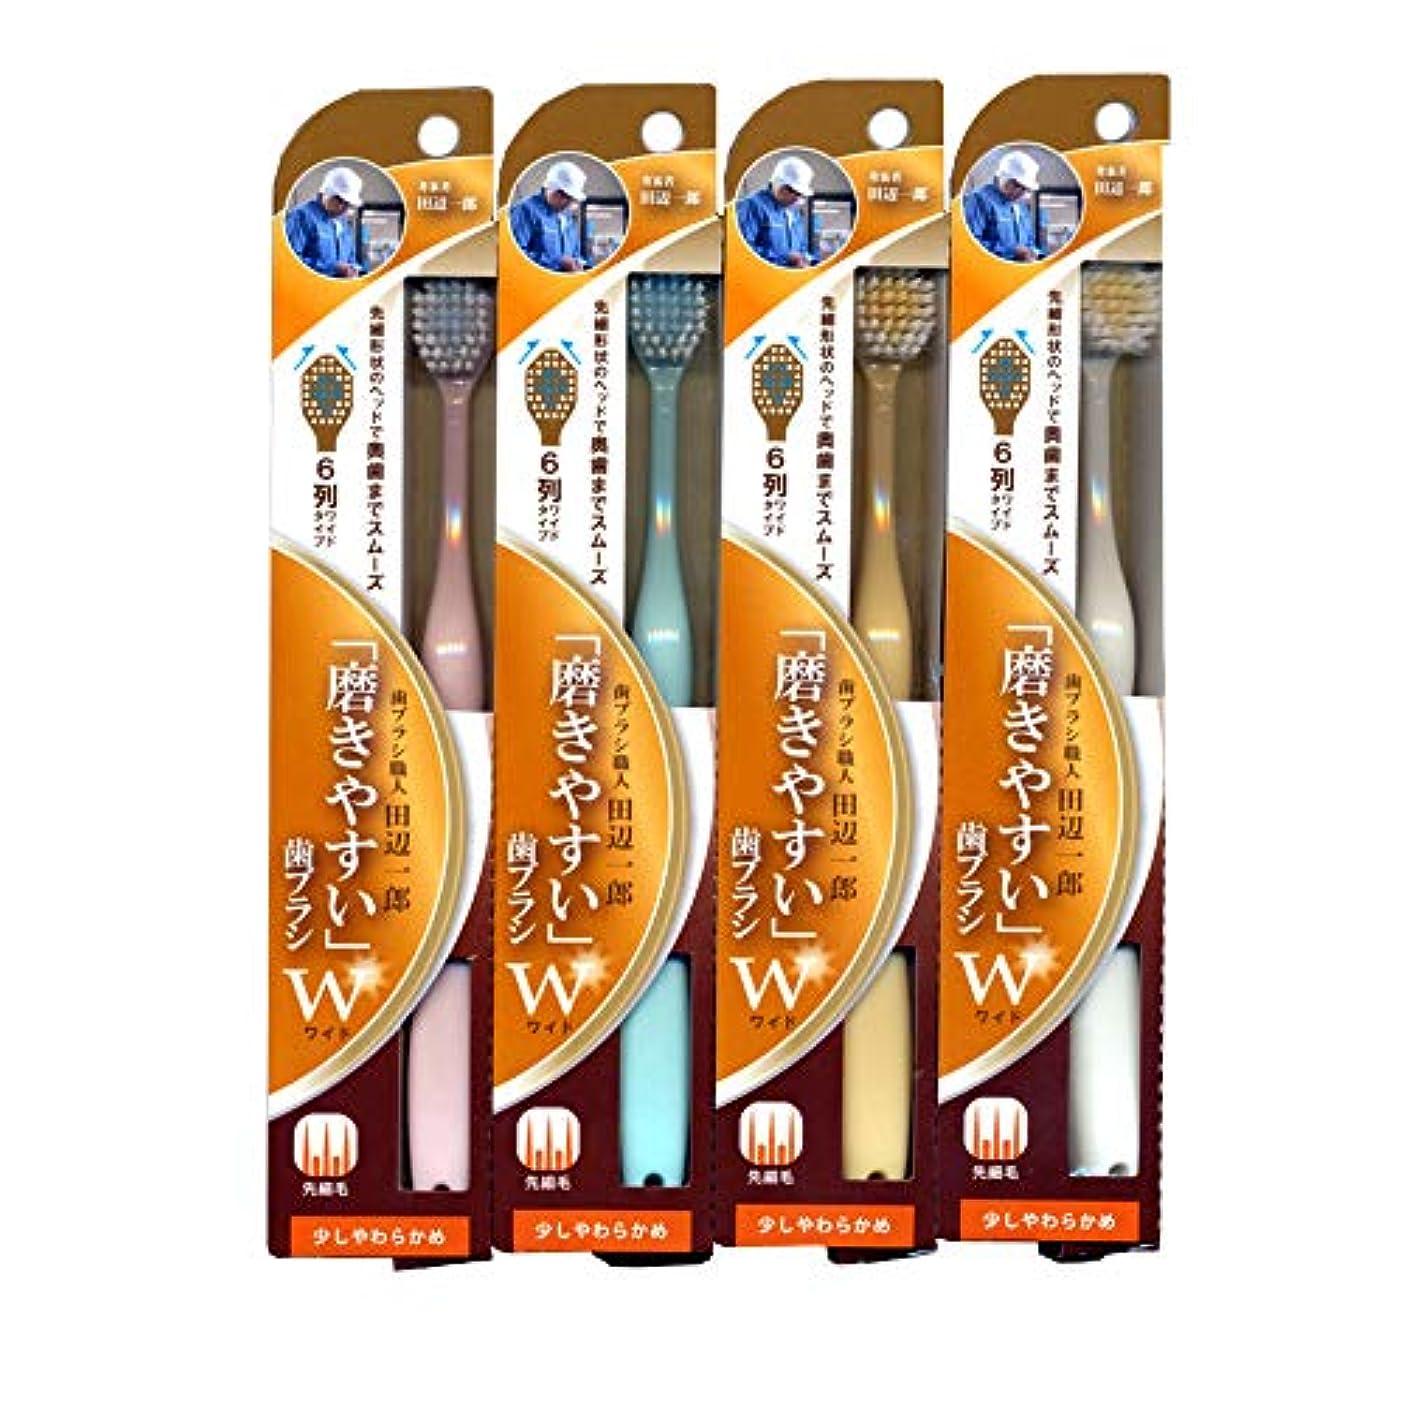 ハッピーに賛成はねかける磨きやすい歯ブラシ (少し柔らかめ) 6列ワイドタイプ LT-46×12本セット (ピンク×3、ブルー×3、ホワイト×3、イエロー×3)(先細毛)